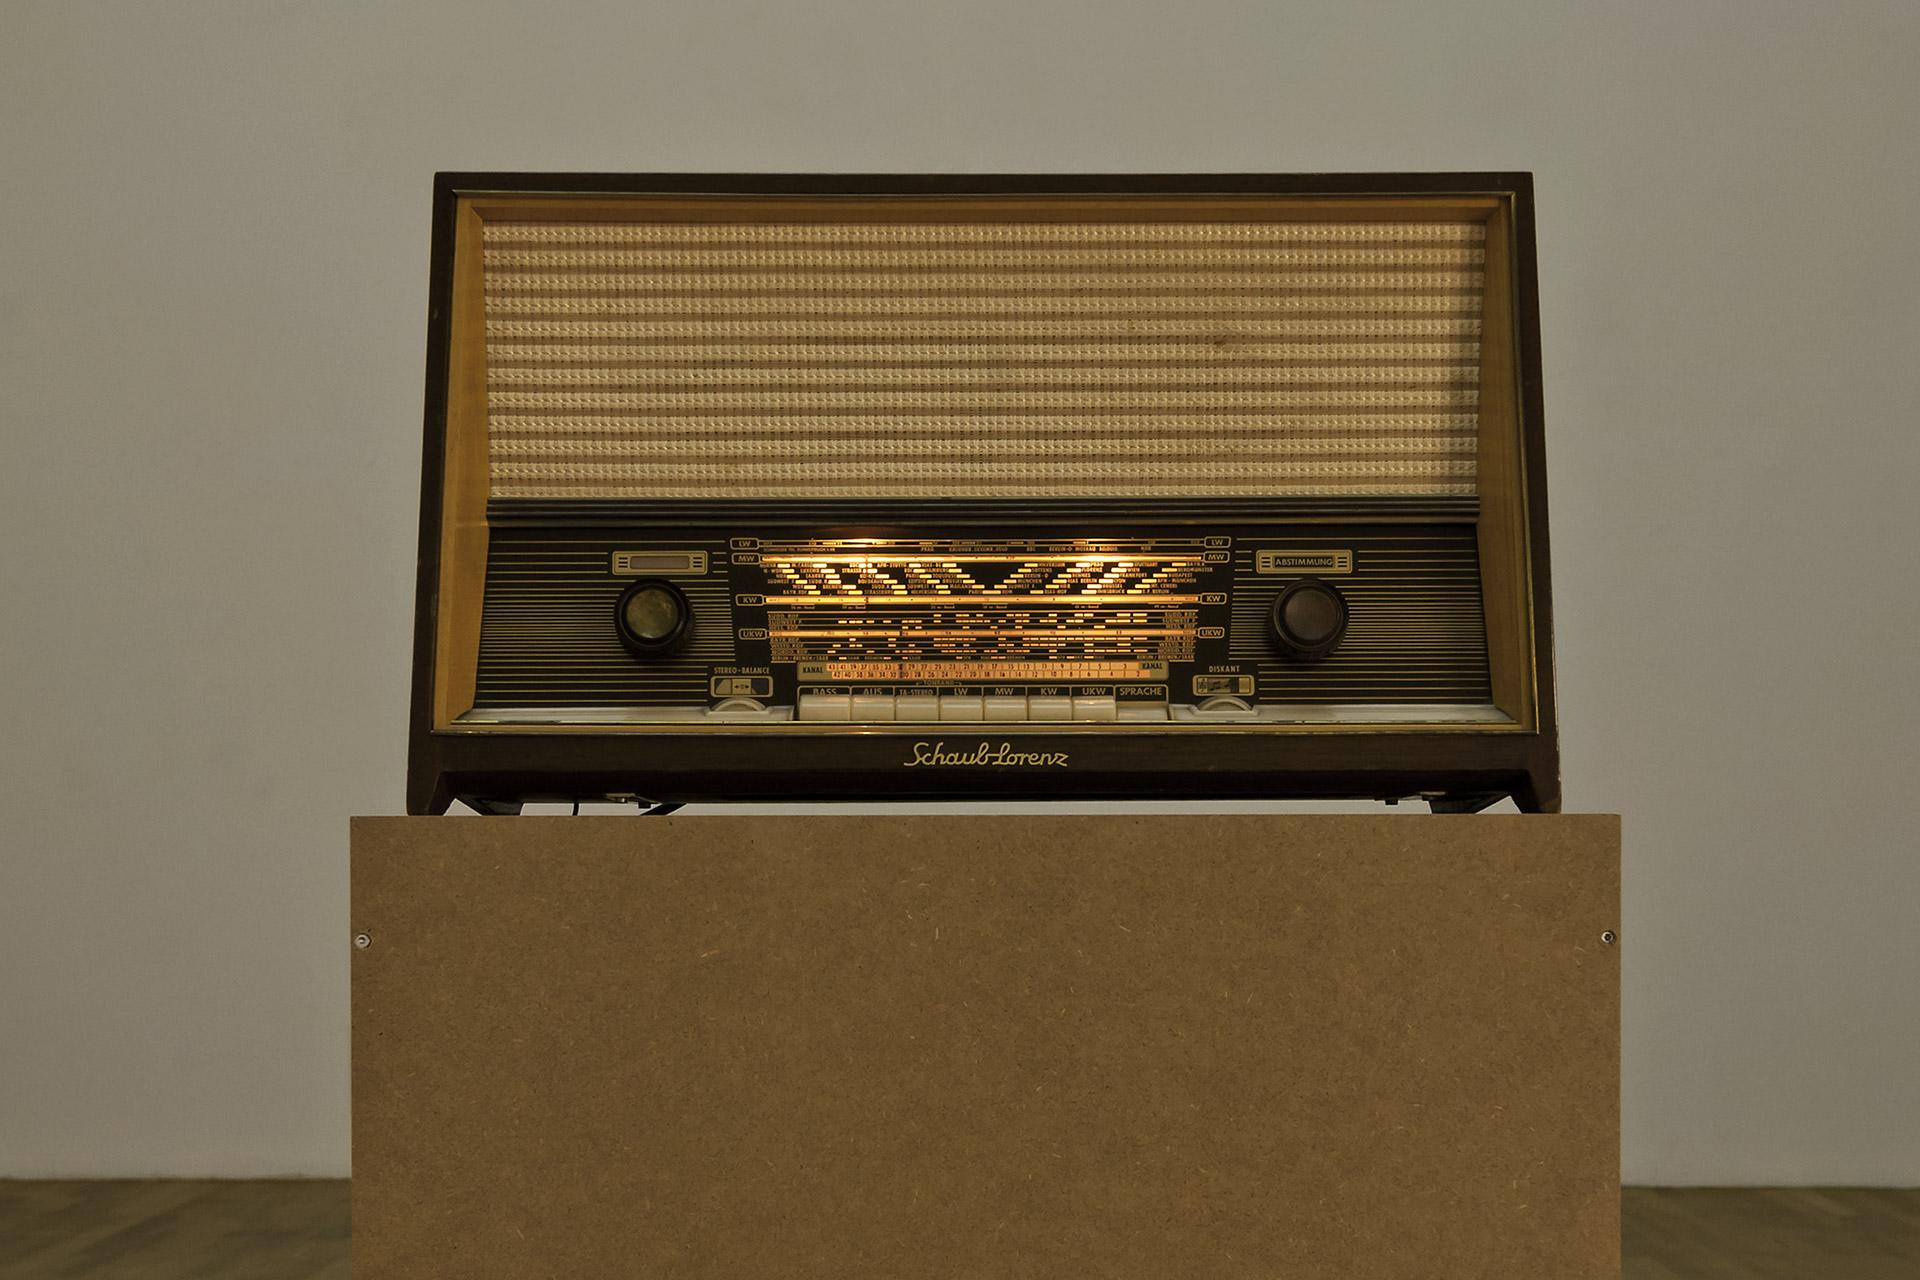 Radio-Stadtfilter-Kunsthalle-Winterthur-2012-1.jpg